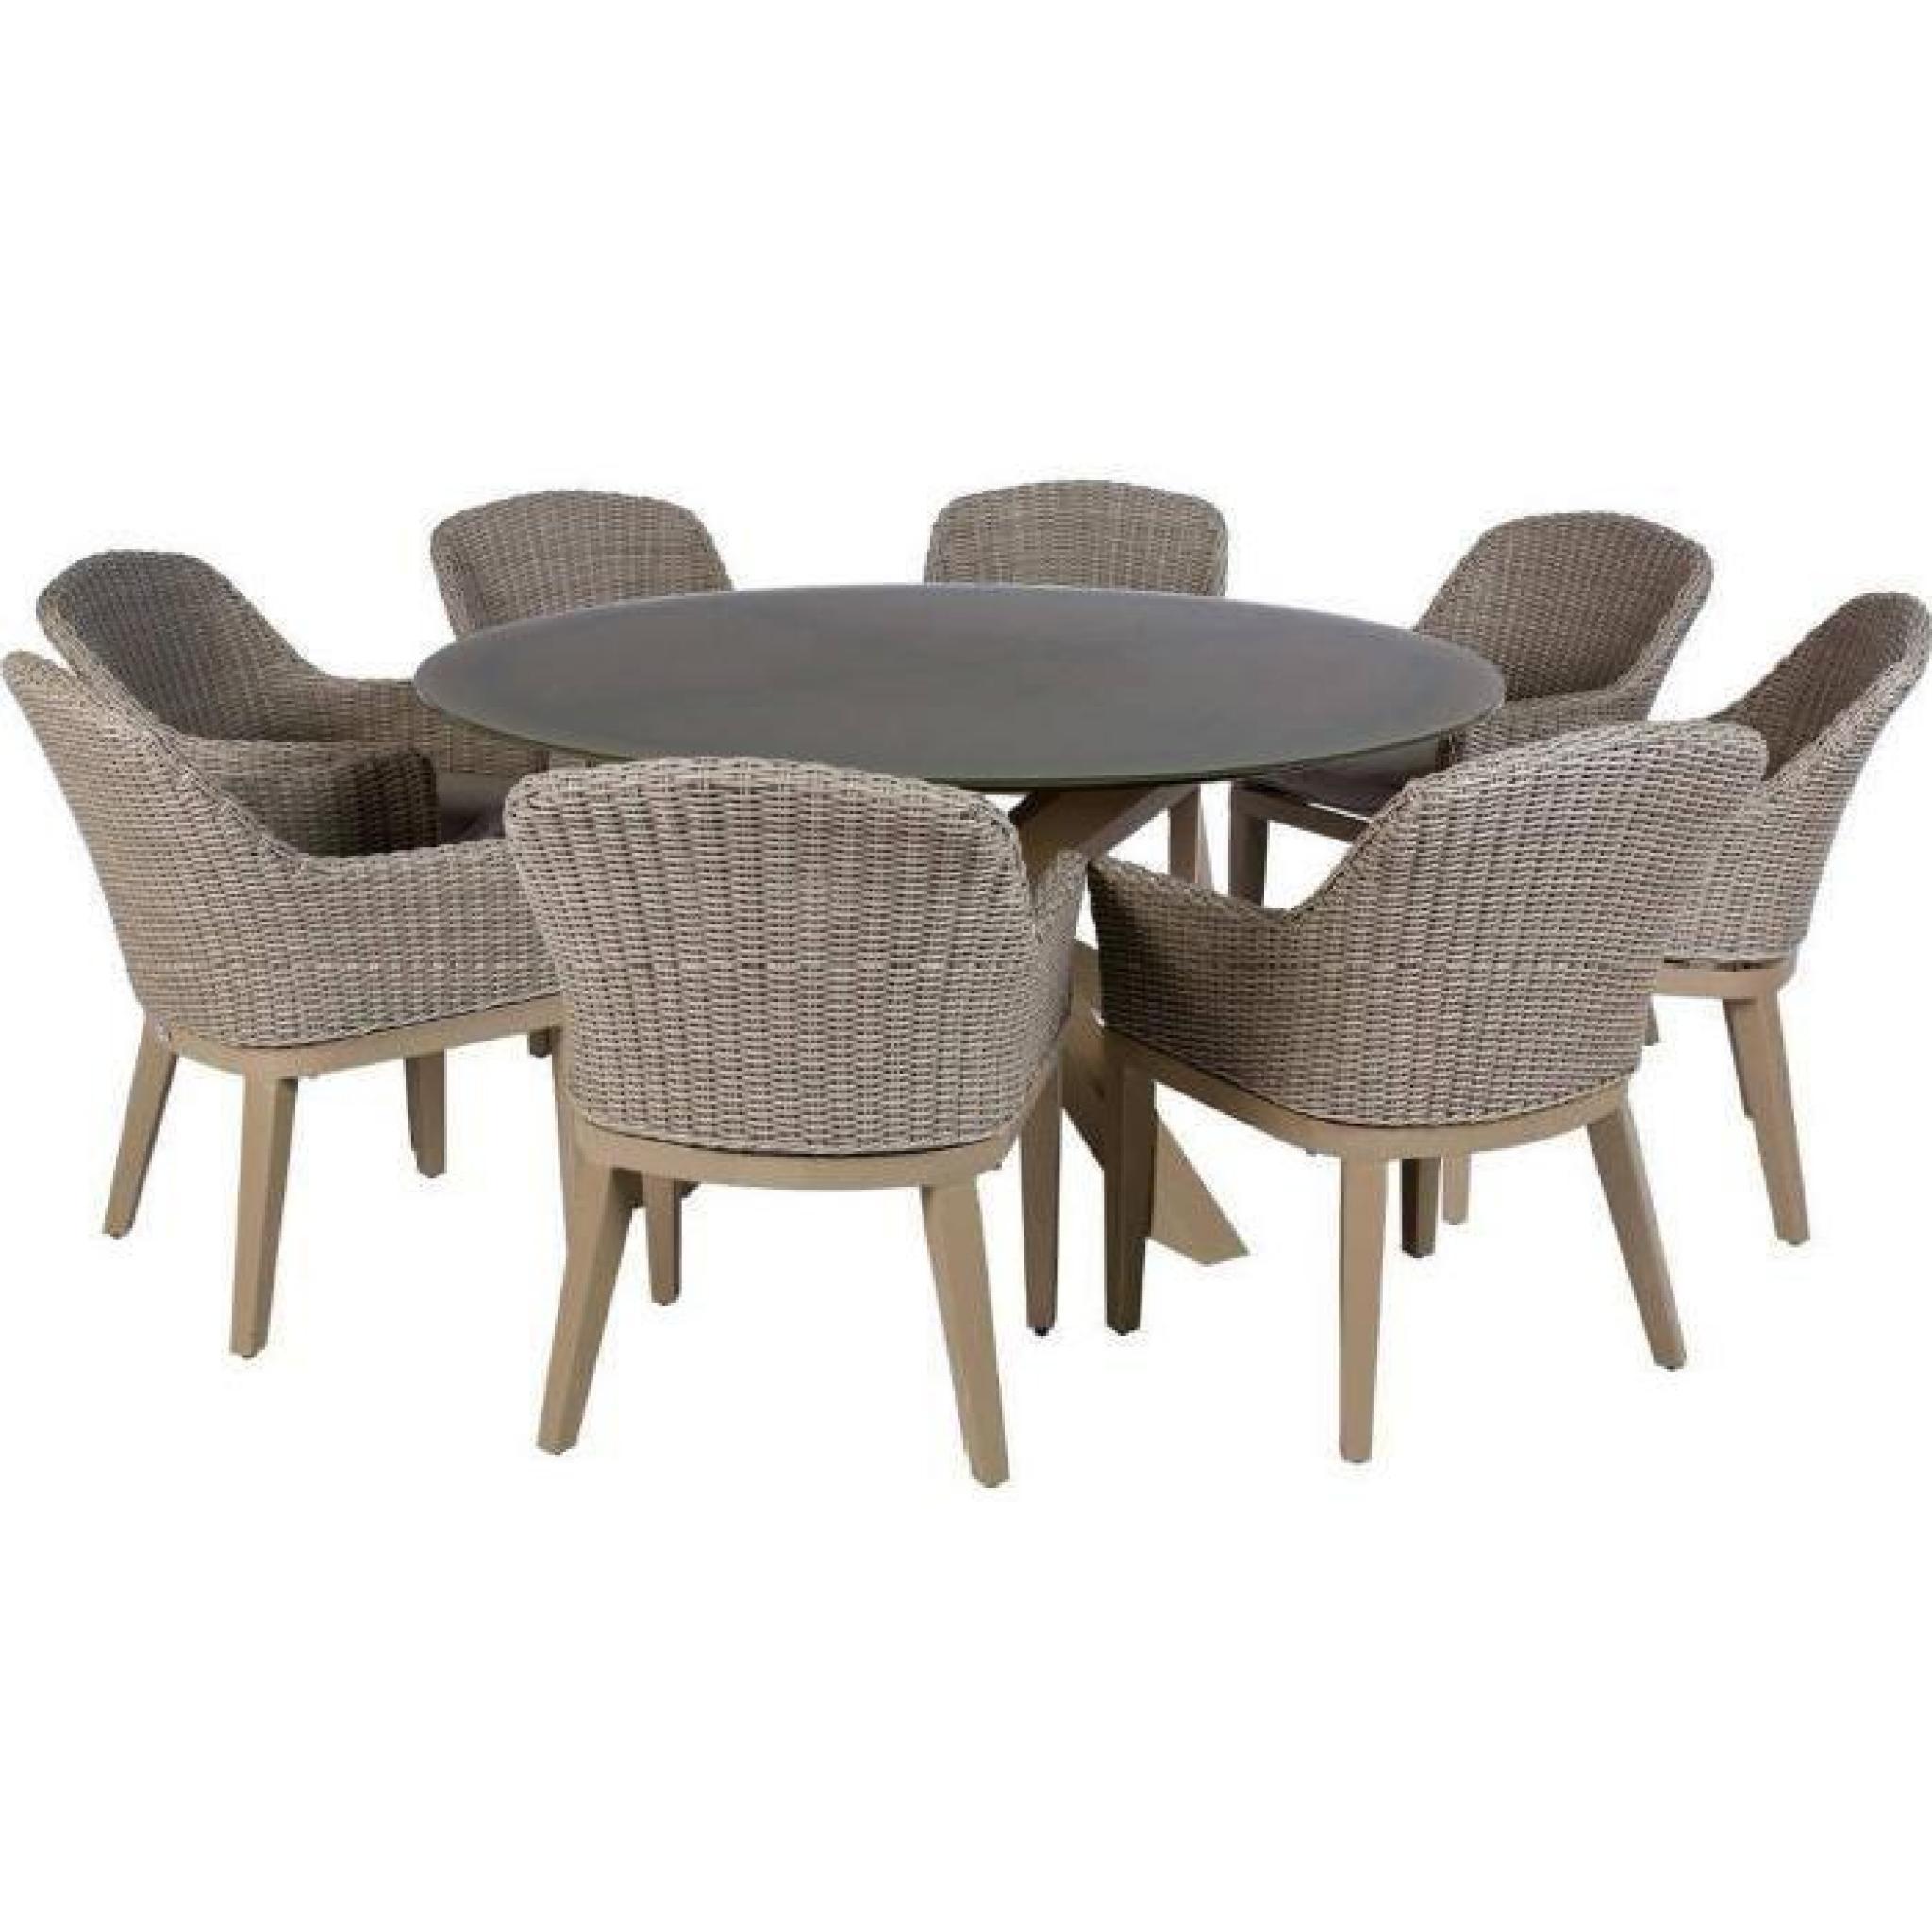 Table Ronde De Jardin En Aluminium Coloris Taupe - Dim : D 160 X H 75Cm pour Table Jardin Ronde Pas Cher